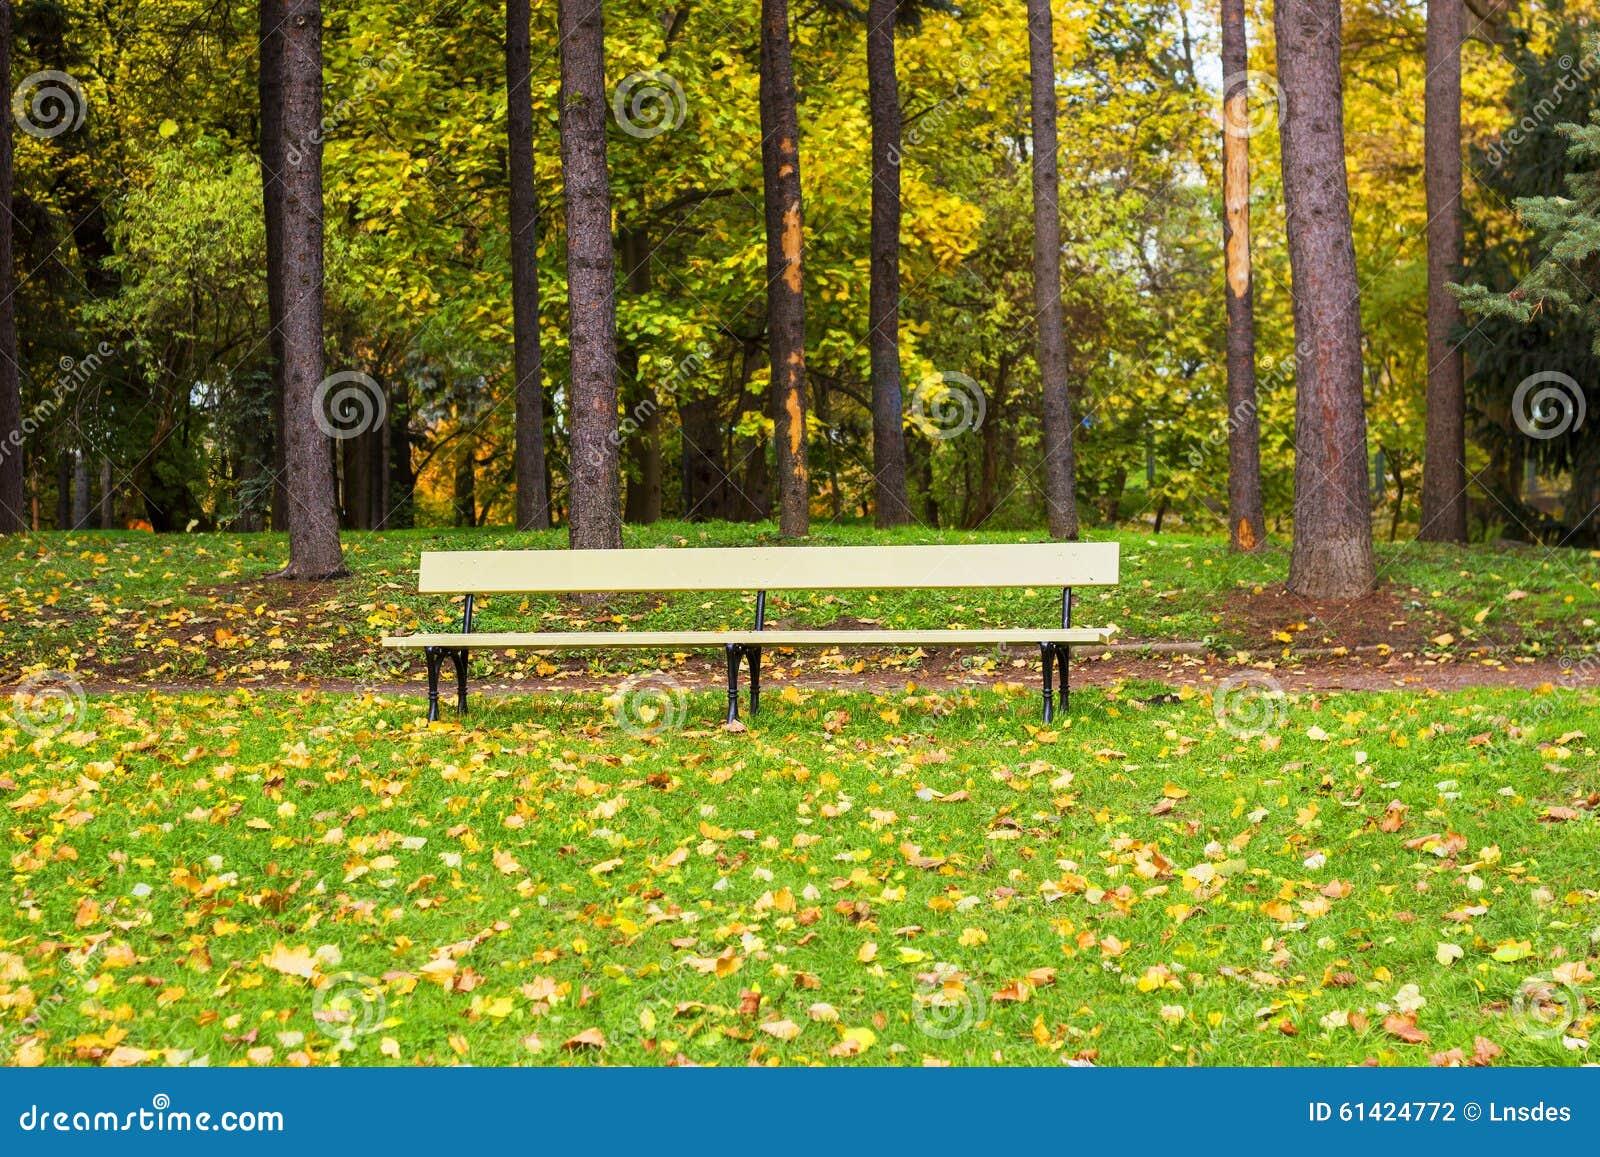 banc de parc en bois photo stock image du personne fond 61424772. Black Bedroom Furniture Sets. Home Design Ideas